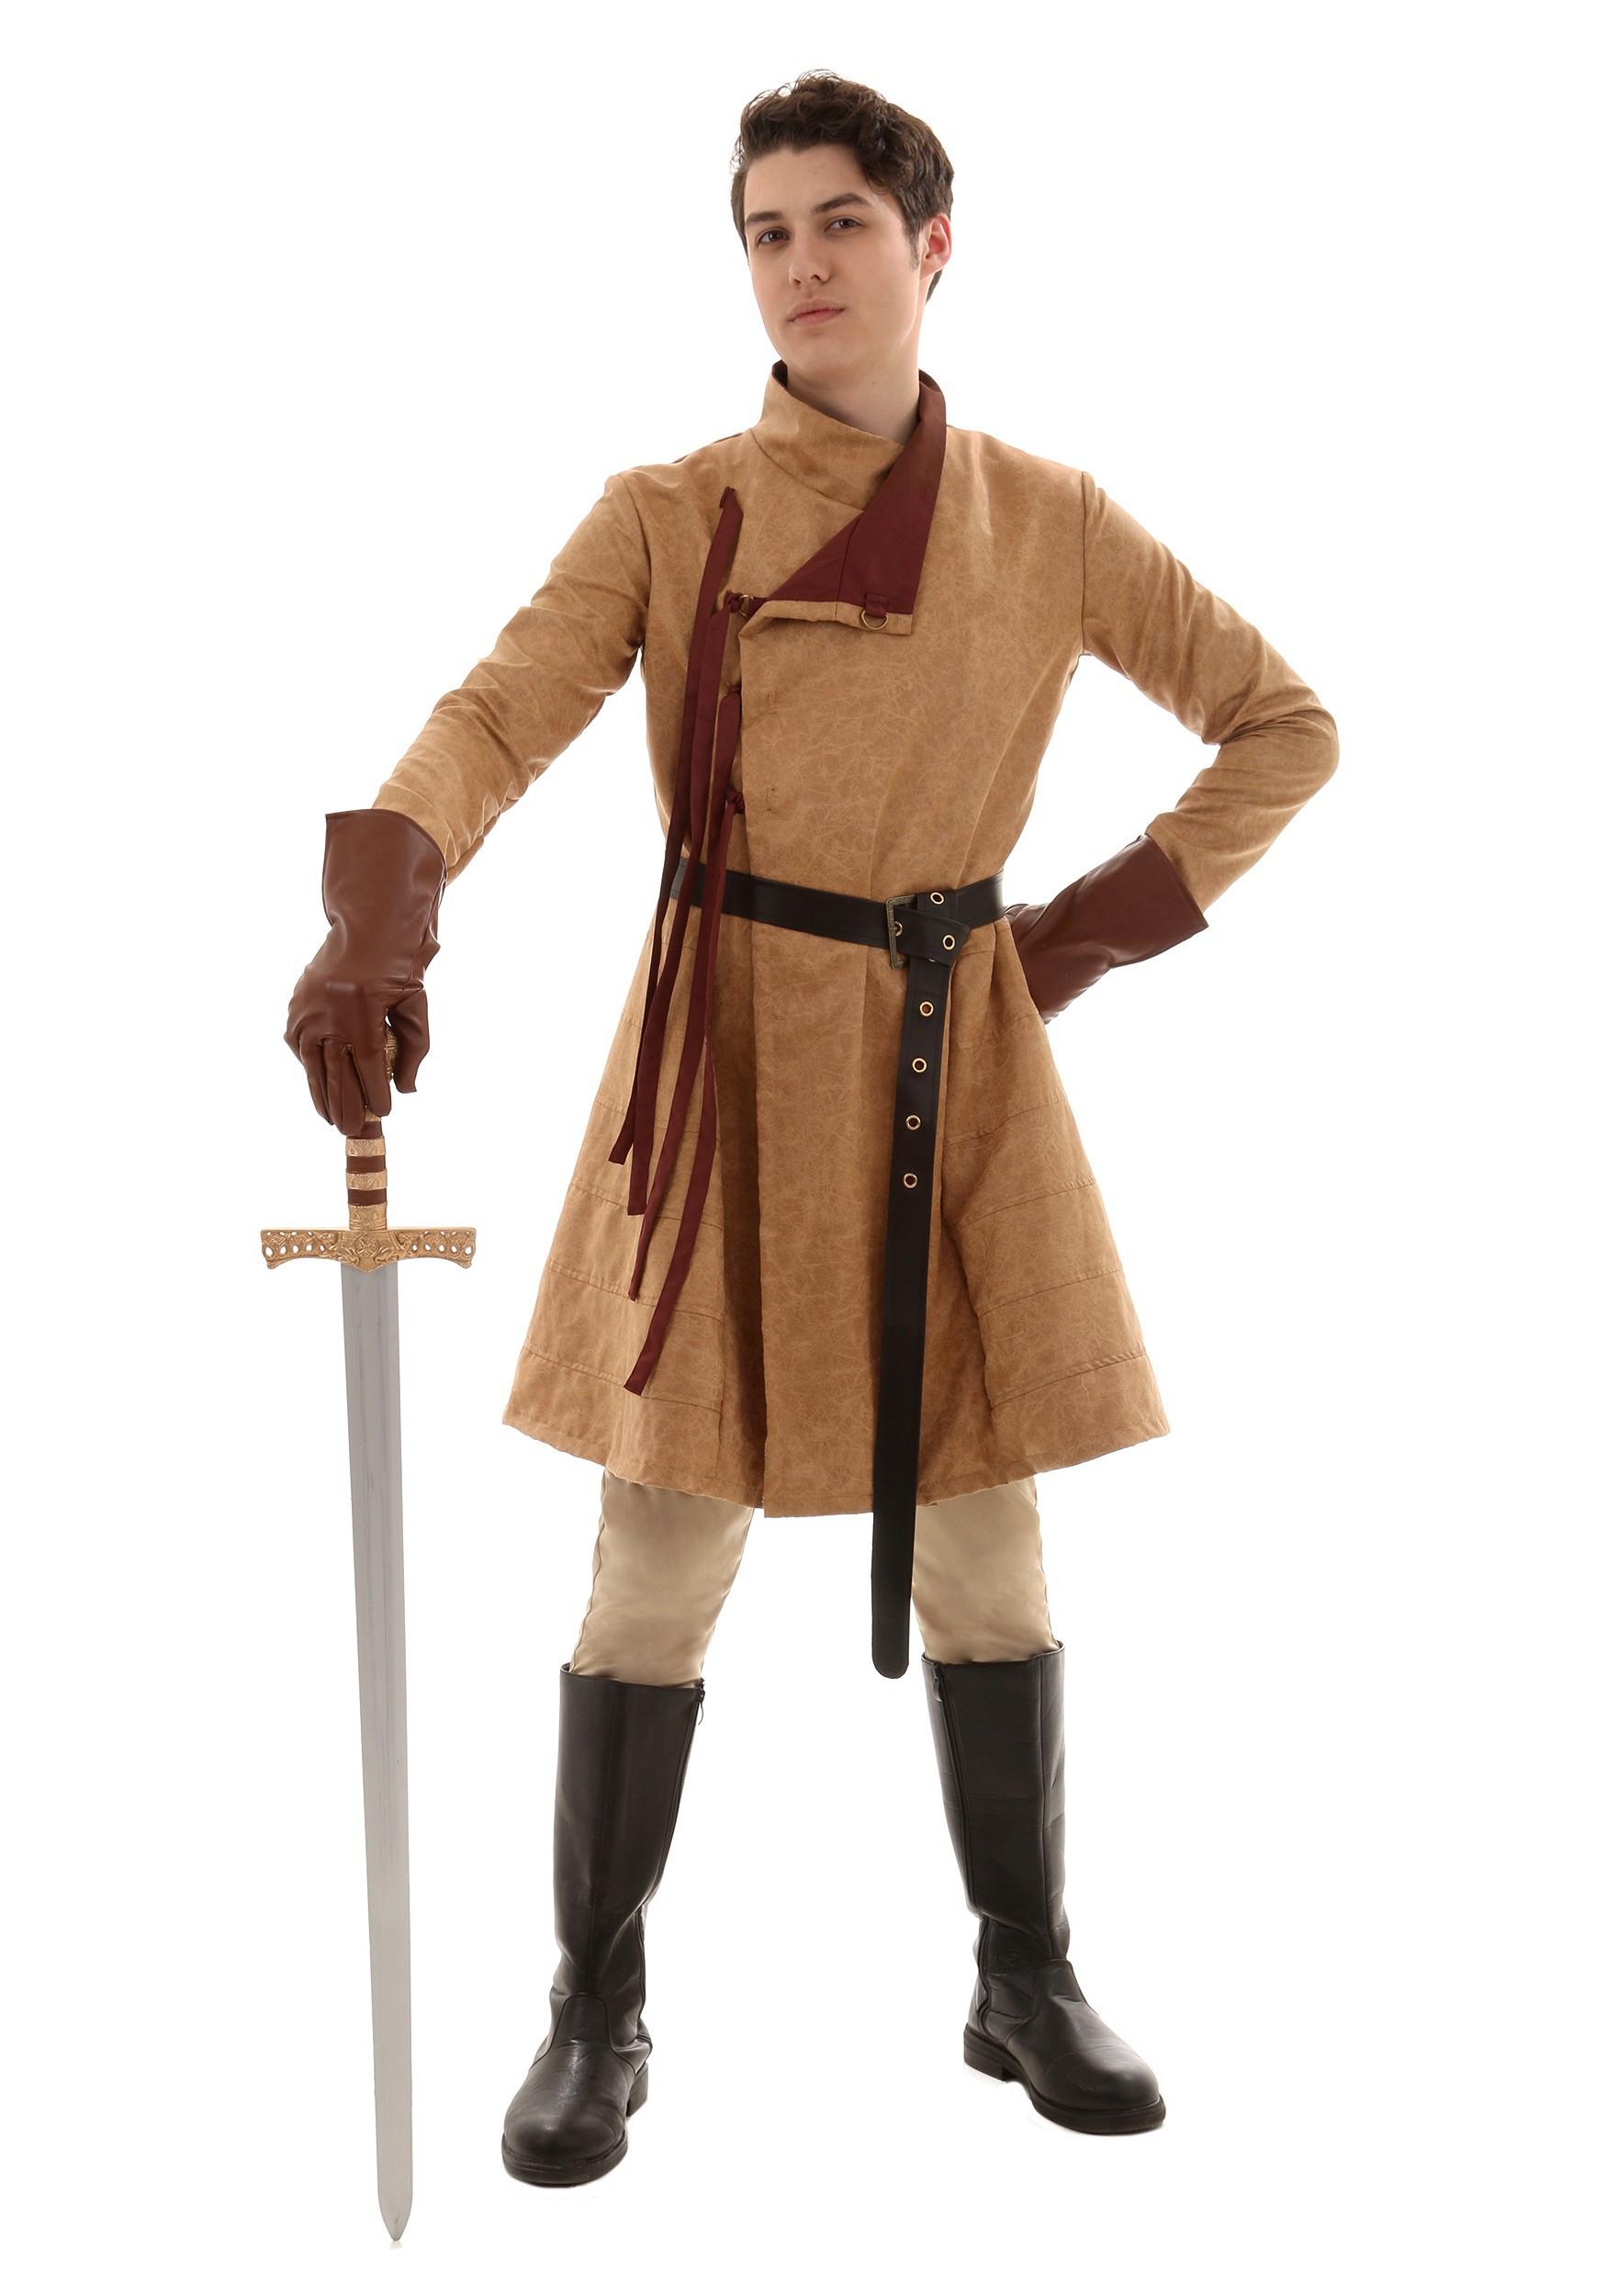 Men's Renaissance Costume Coat